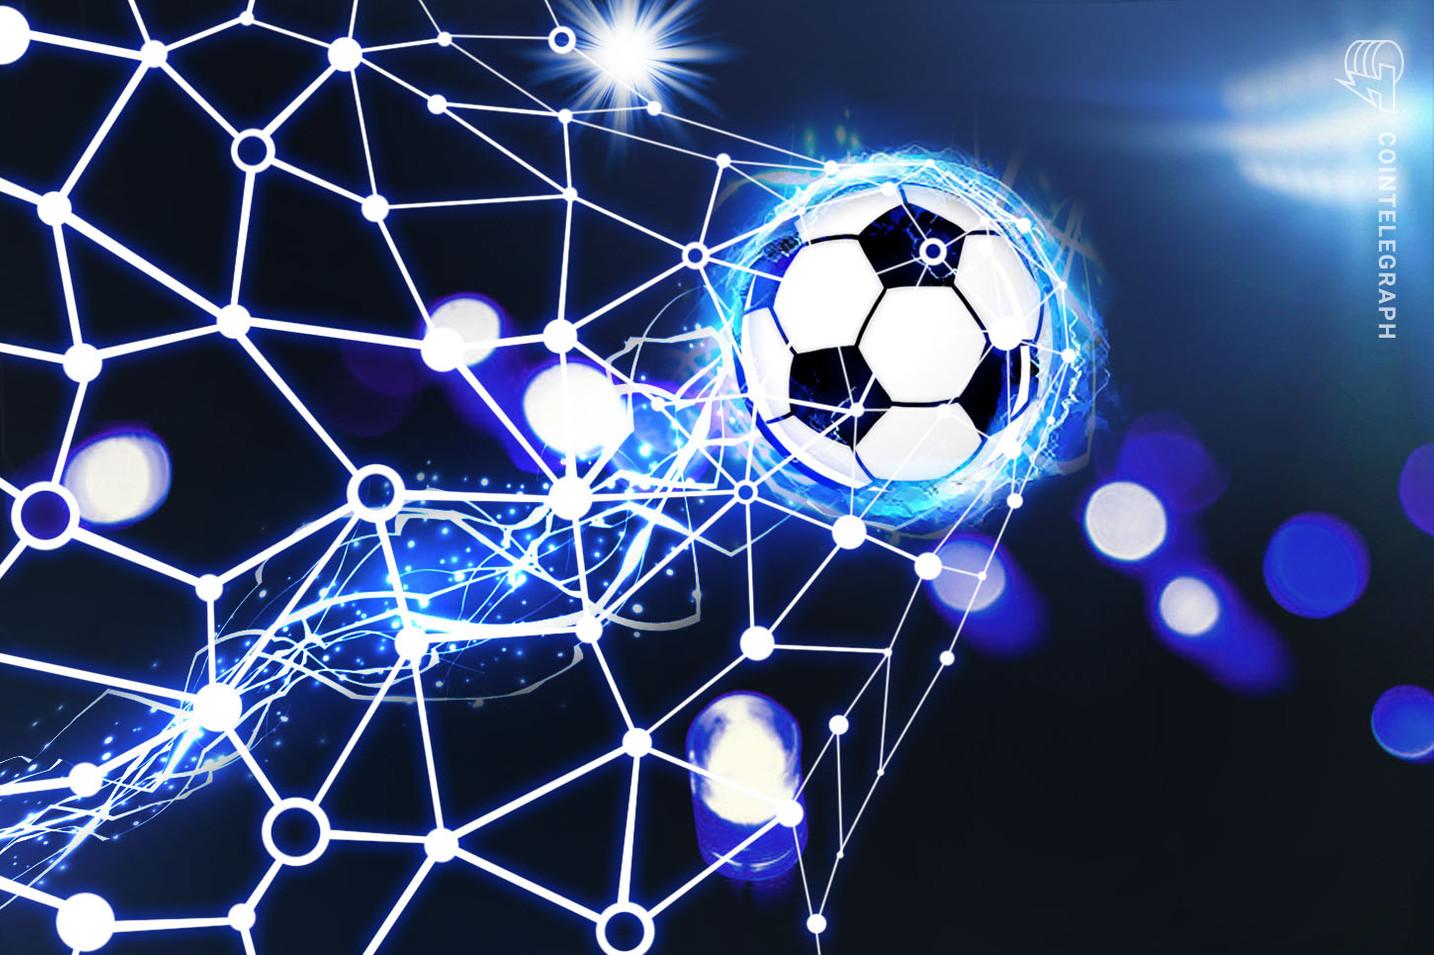 Socios se une con el sindicato de clubes de fútbol turco para explorar modelos de ingresos digitales